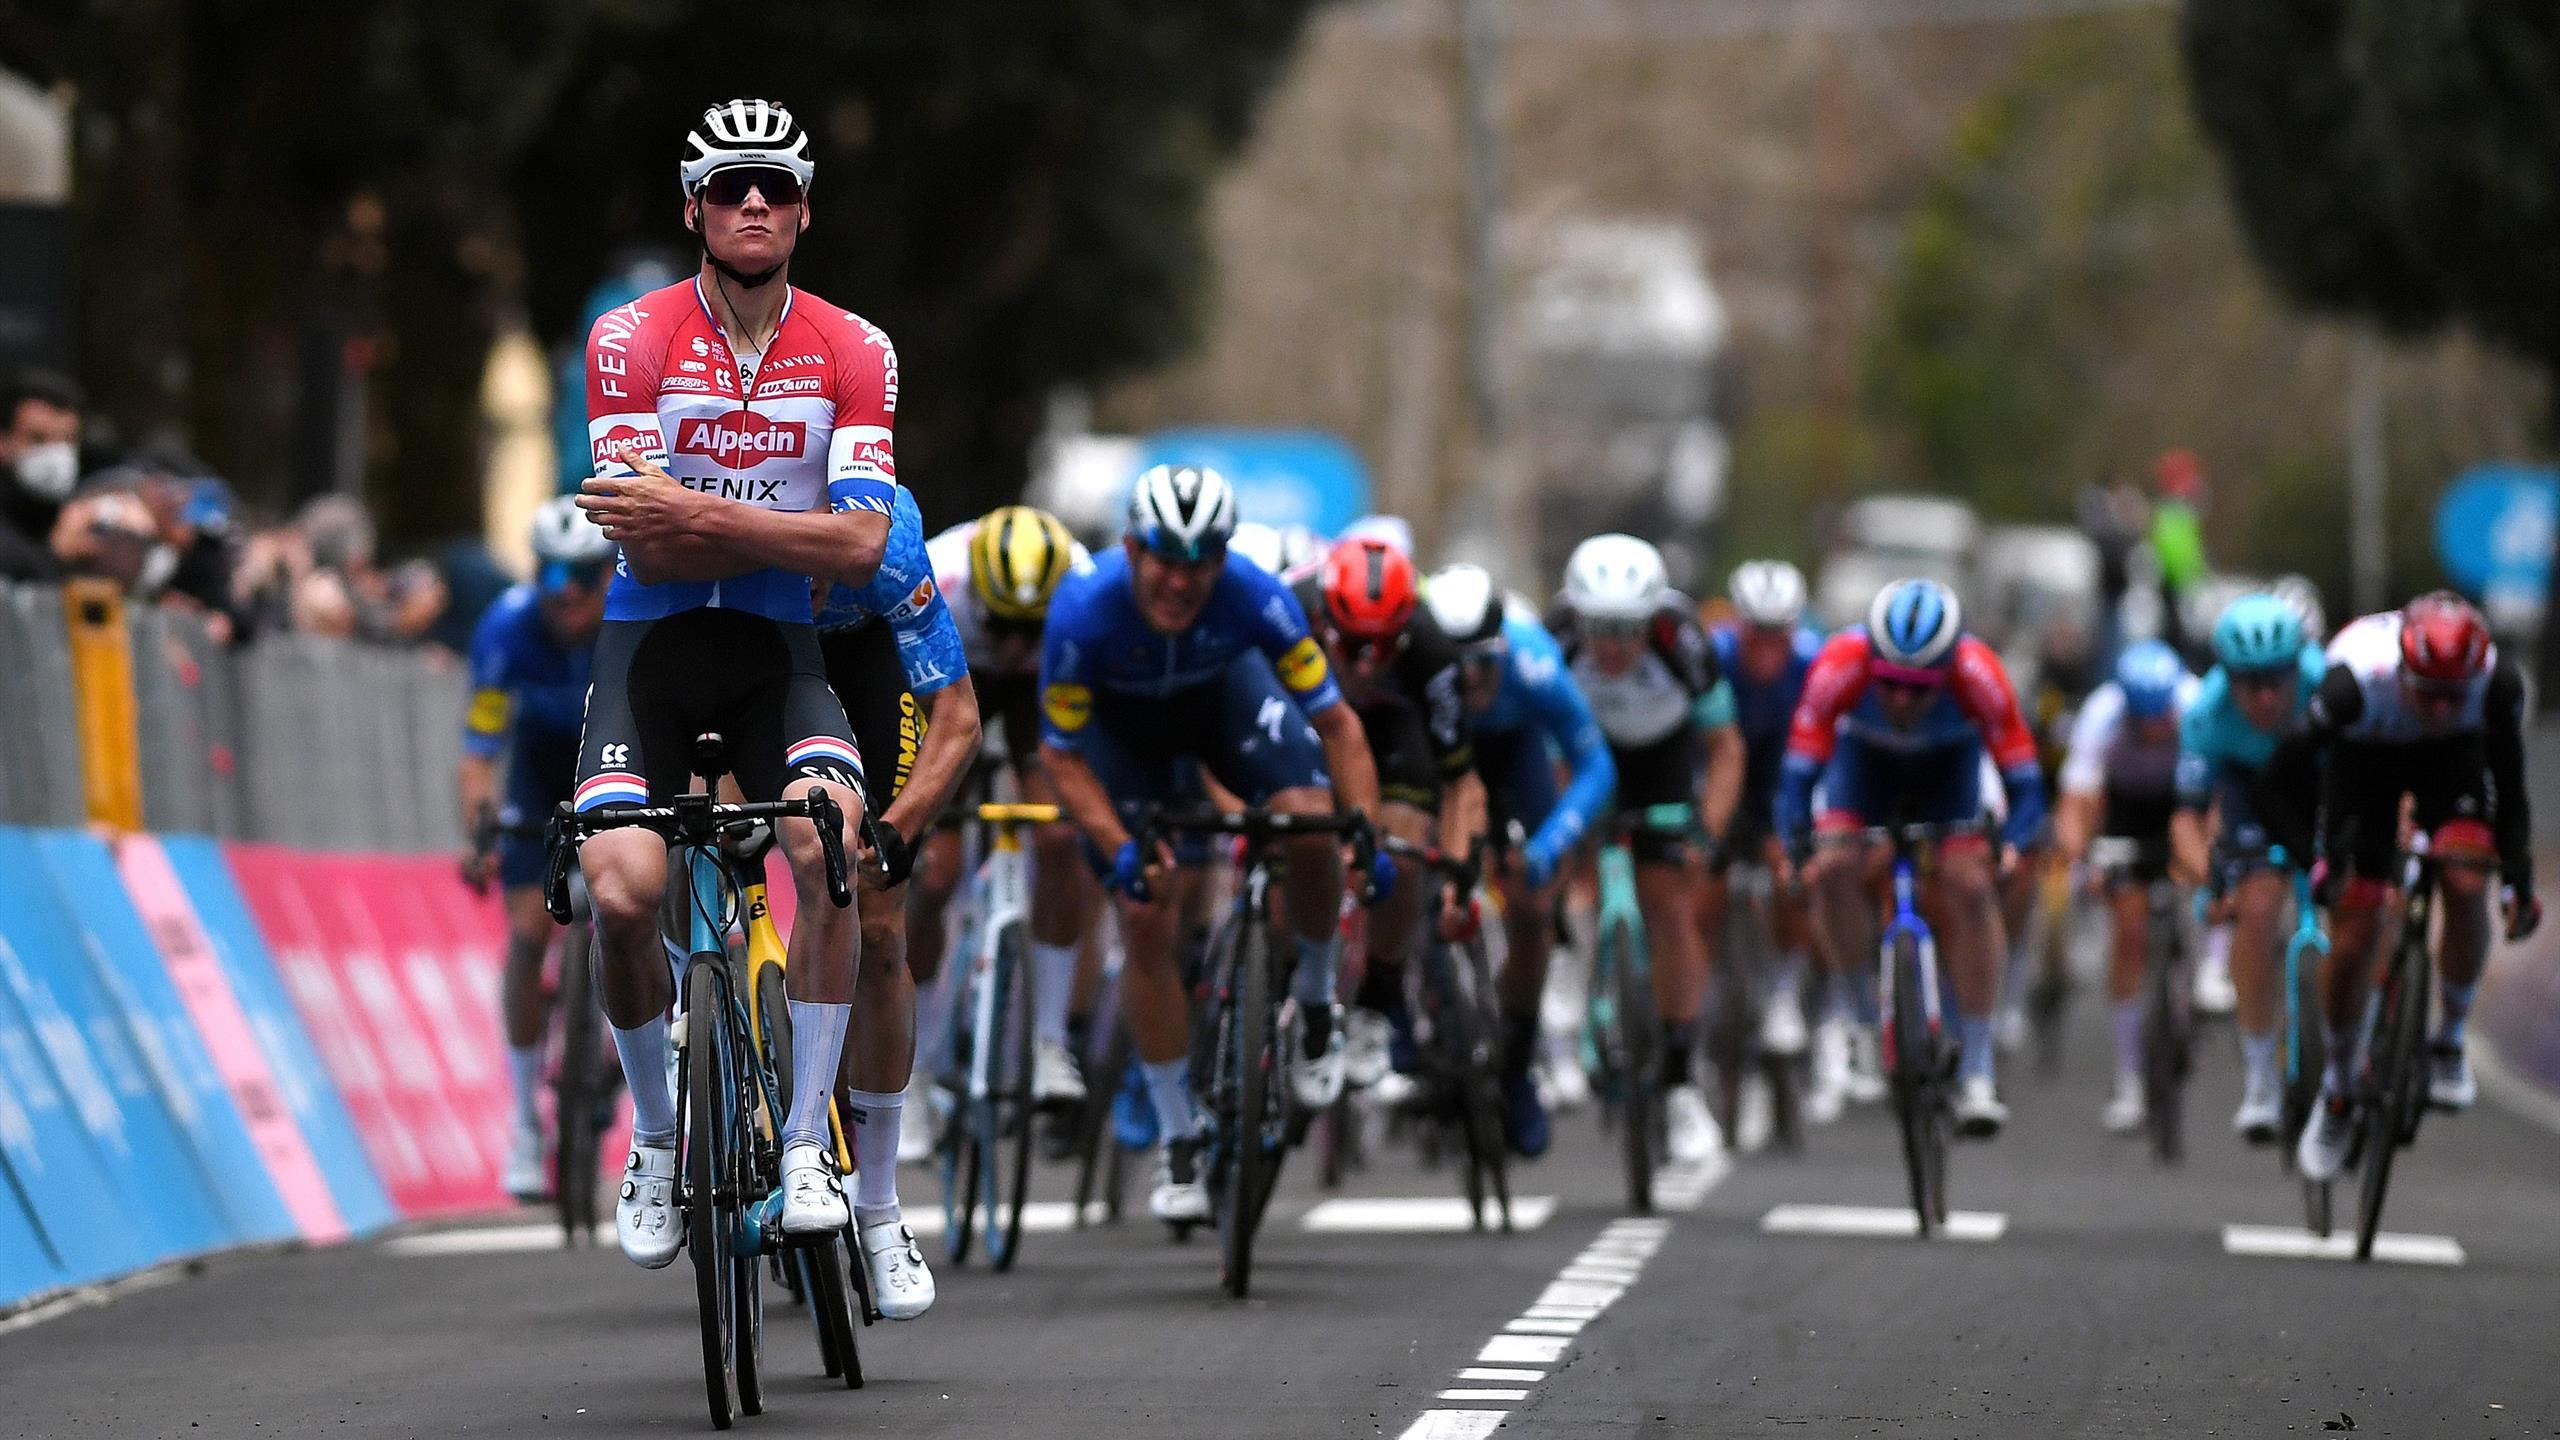 Tirreno-Adriatico - L'accélération et la célébration : Mathieu Van der Poel a fait le show - Eurosport FR